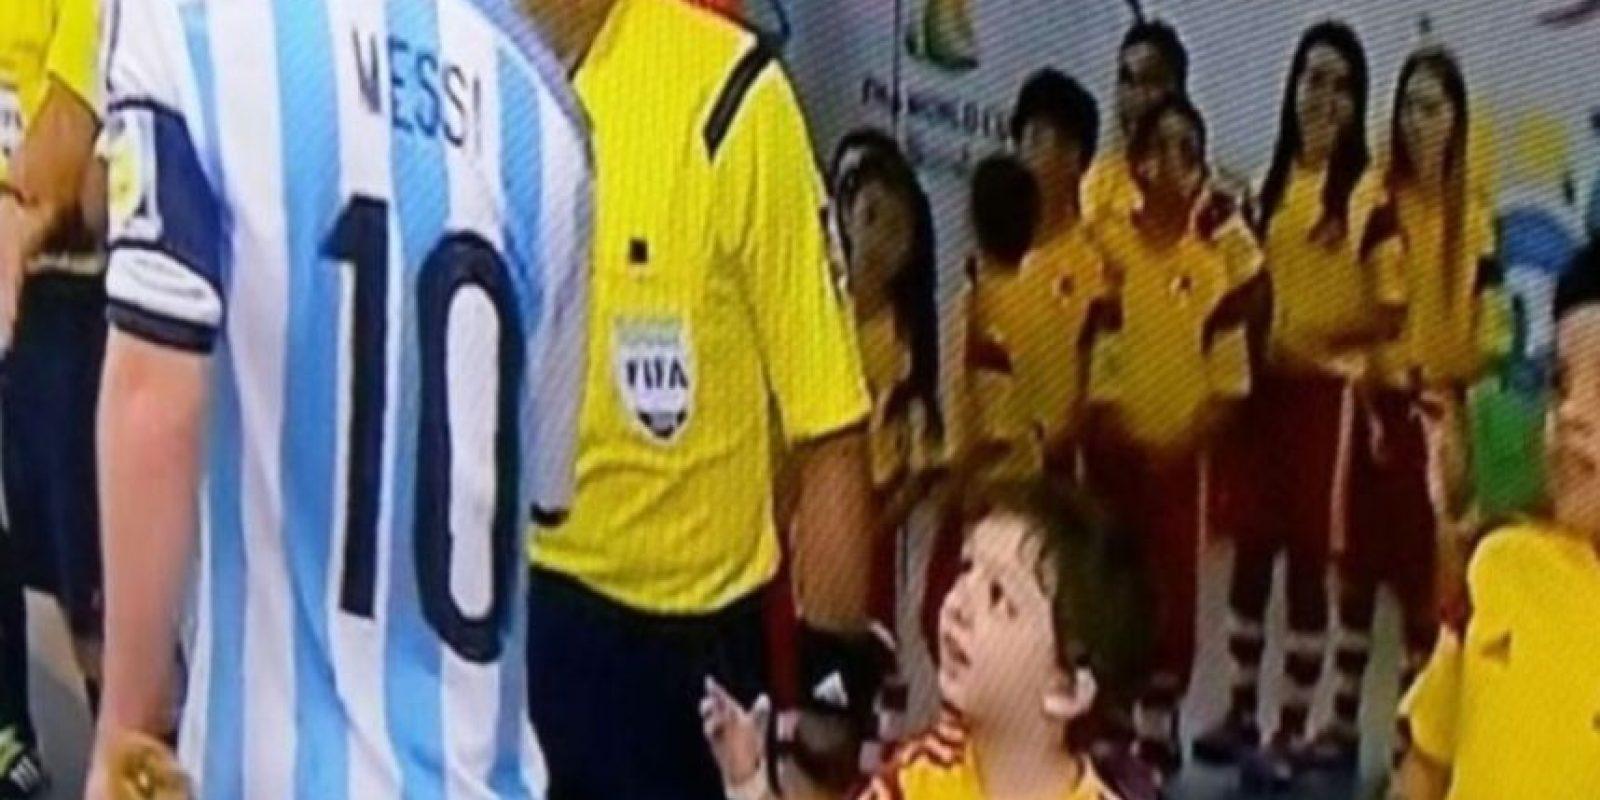 En el Mundial de Brasil 2014 no respondió el saludo a un niño, antes del partido contra Bosnia. Foto:Youtube: David John